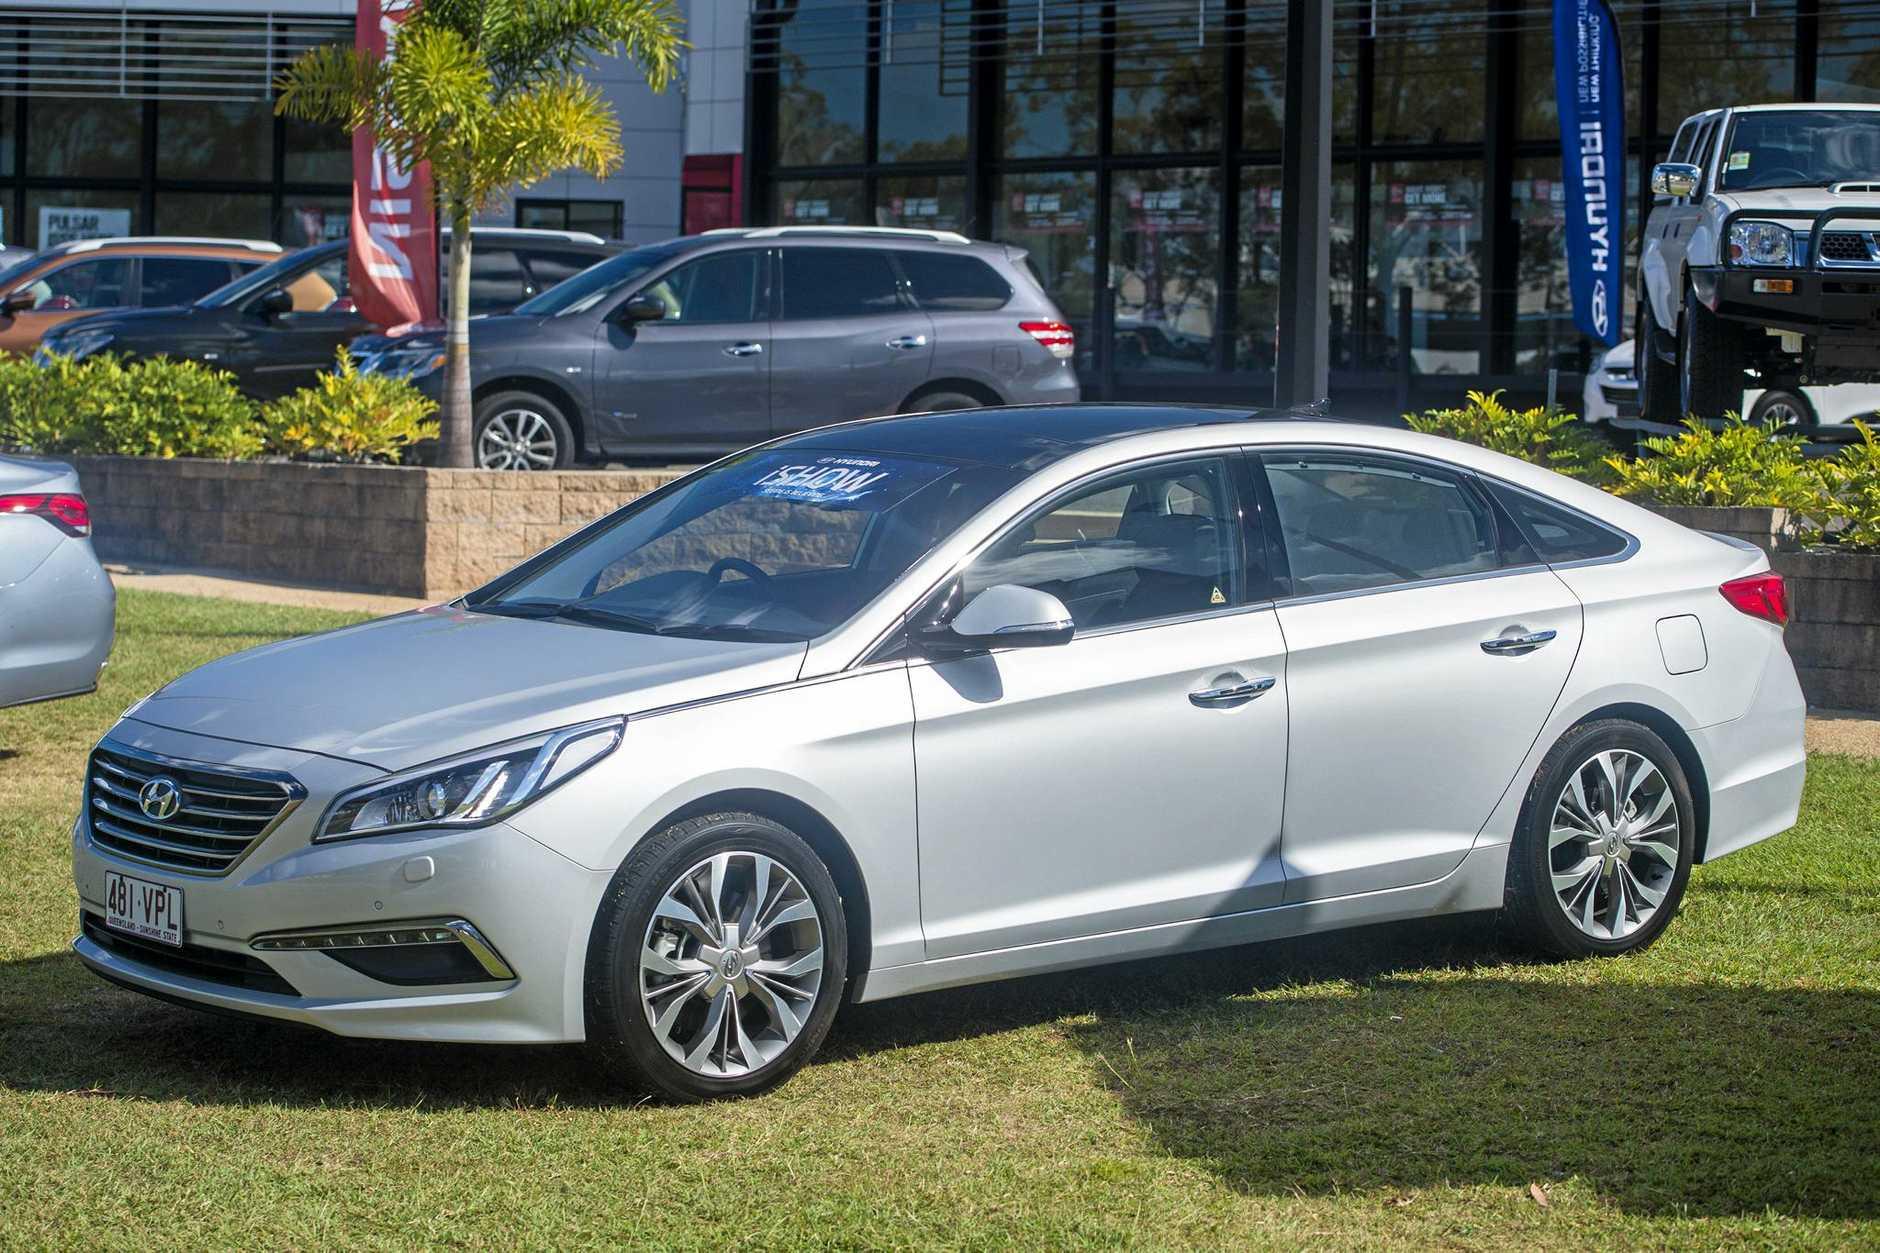 The Hyundai Sonata.